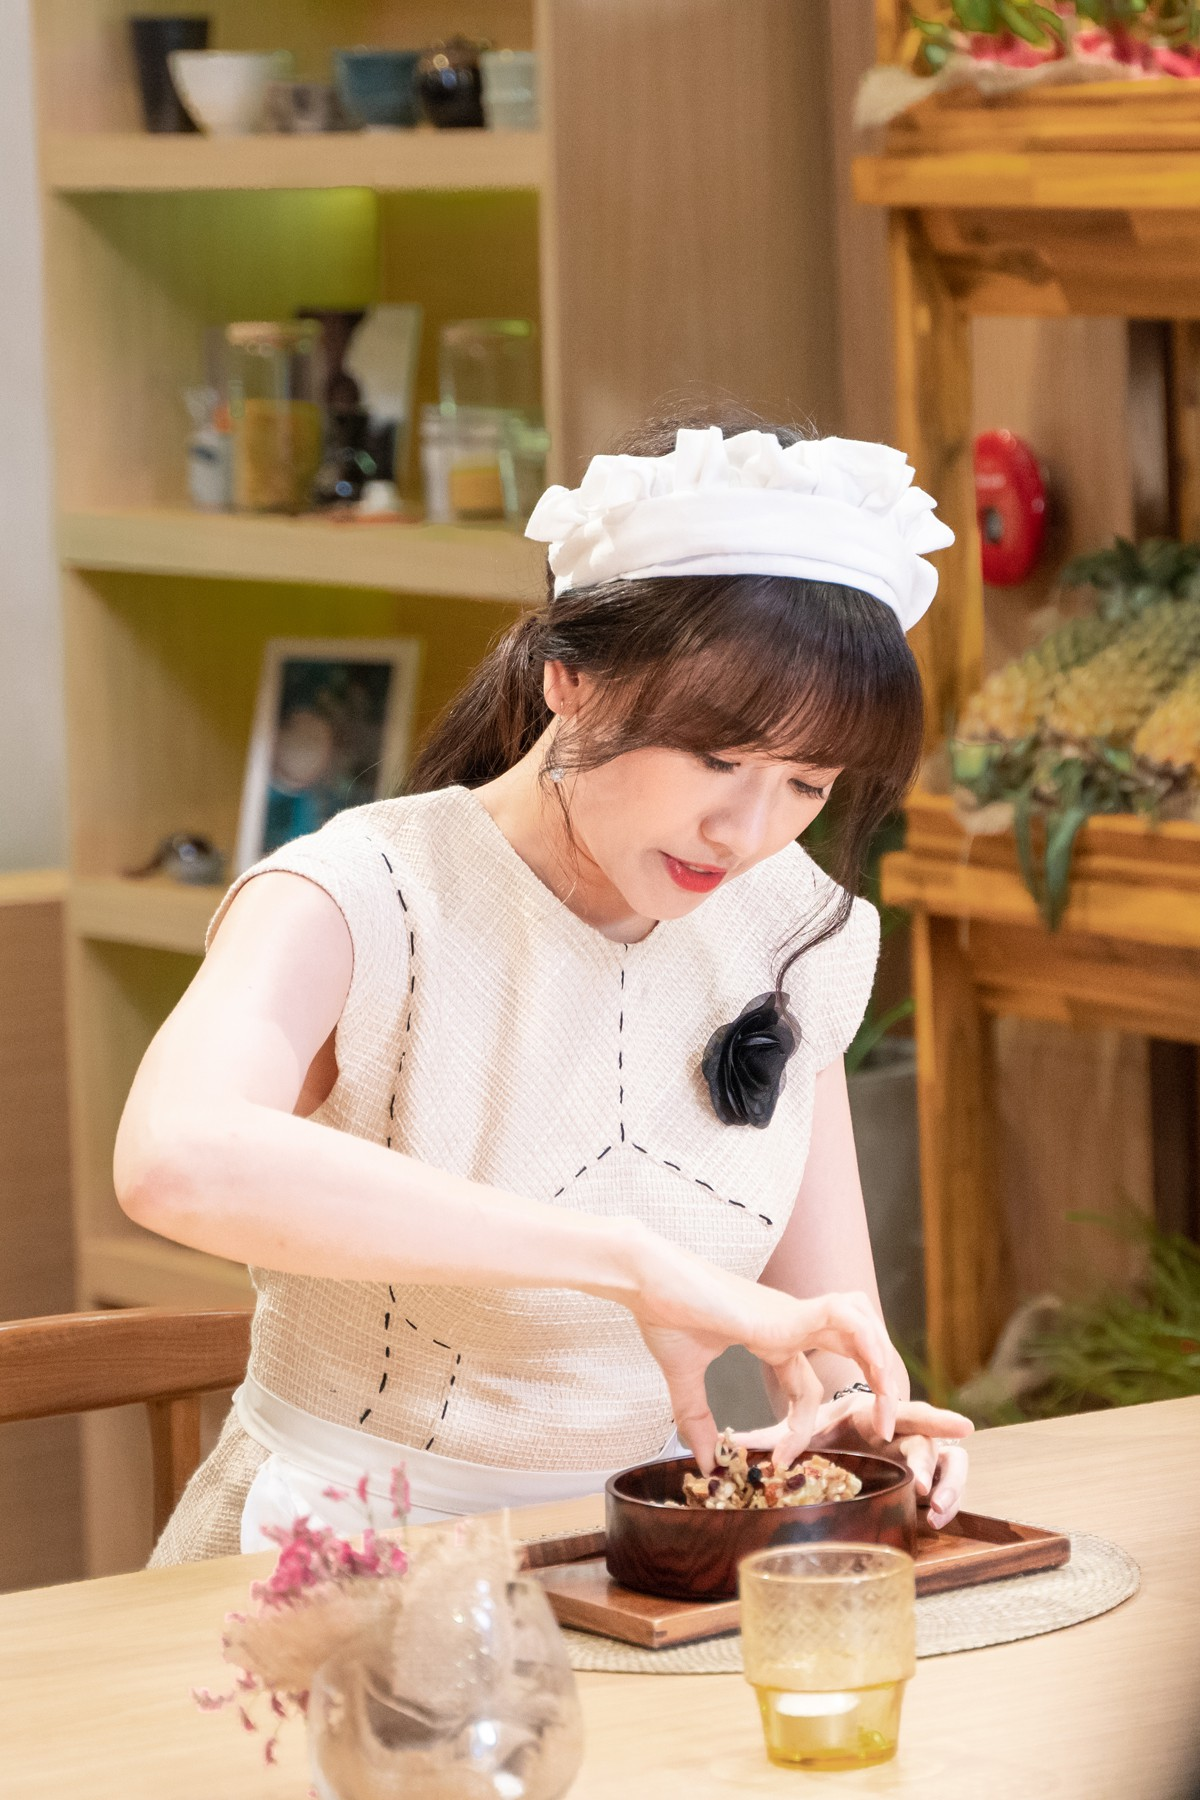 Làm nữ phục vụ xinh xắn, Hari Won bị than phiền vì thường xuyên xin ăn của đồng nghiệp  - Ảnh 4.